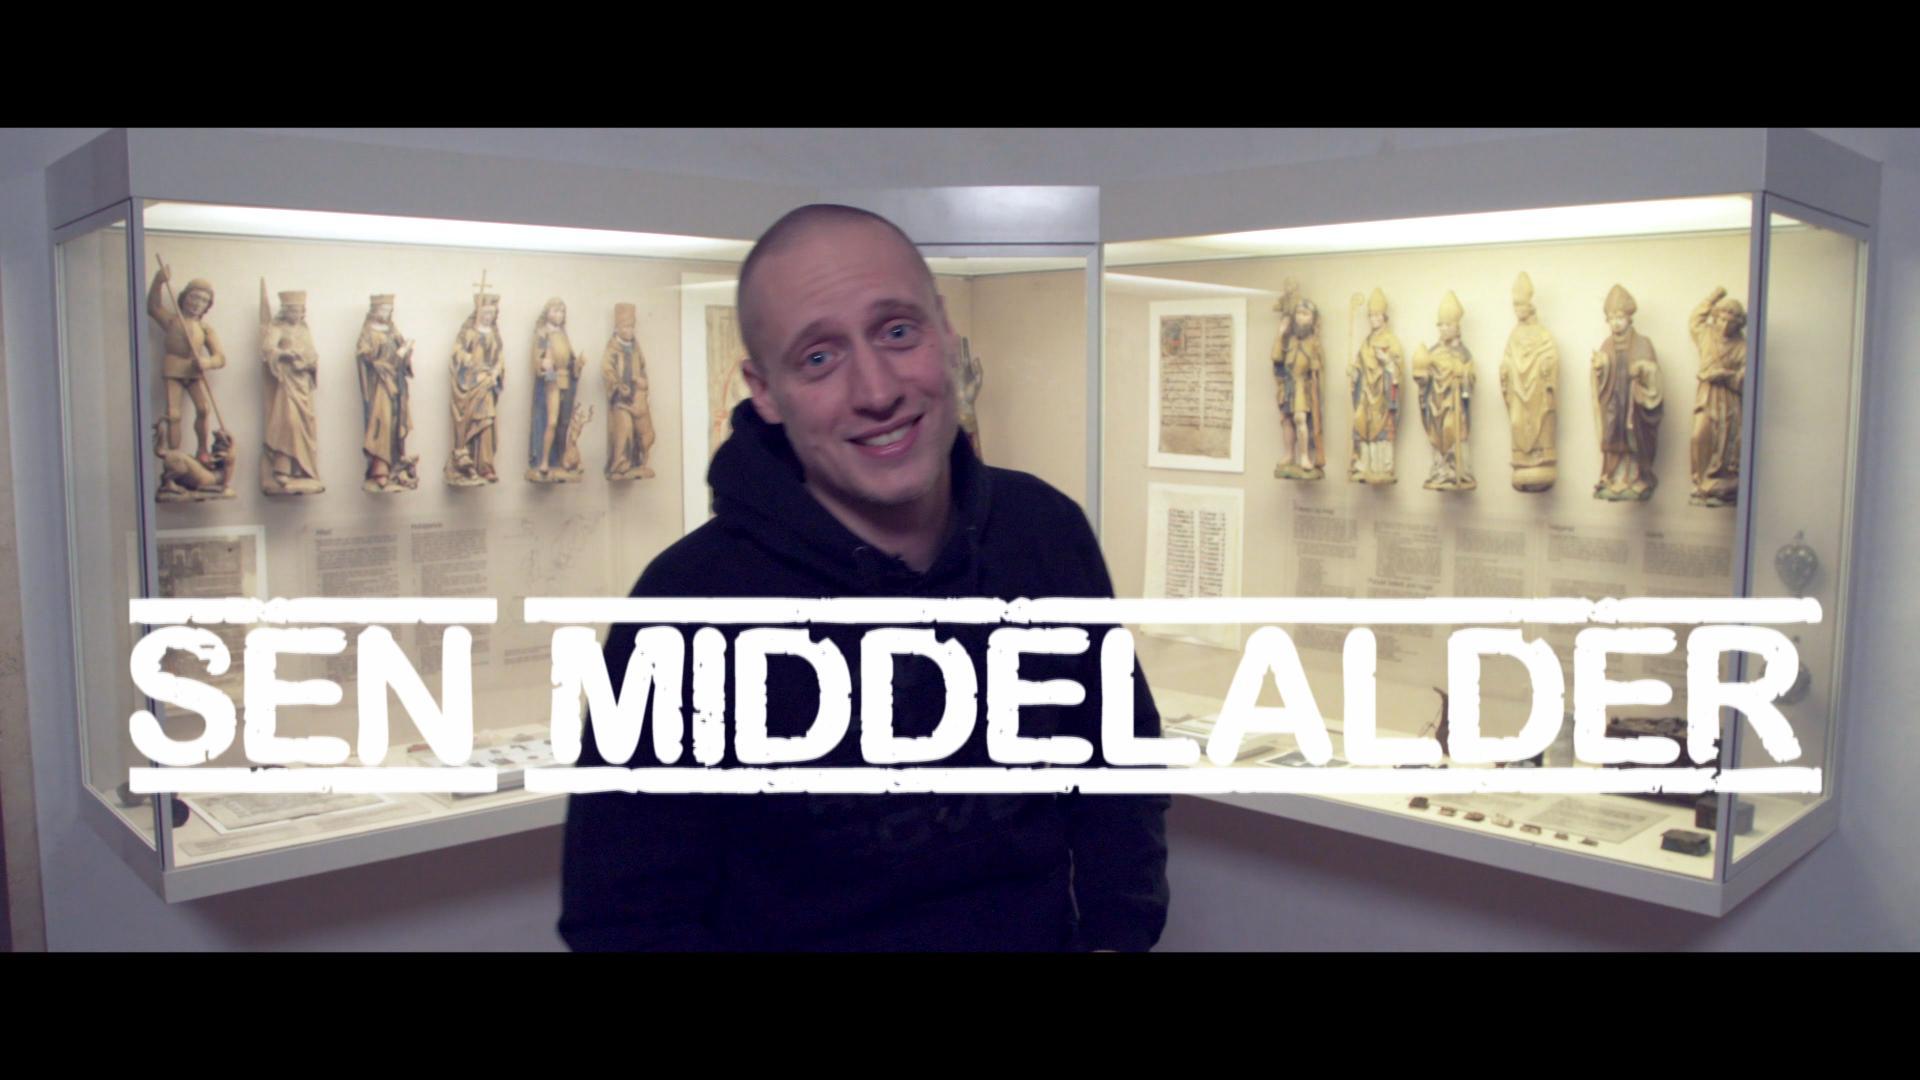 pede_b_sen_middelalder_teaser.jpg